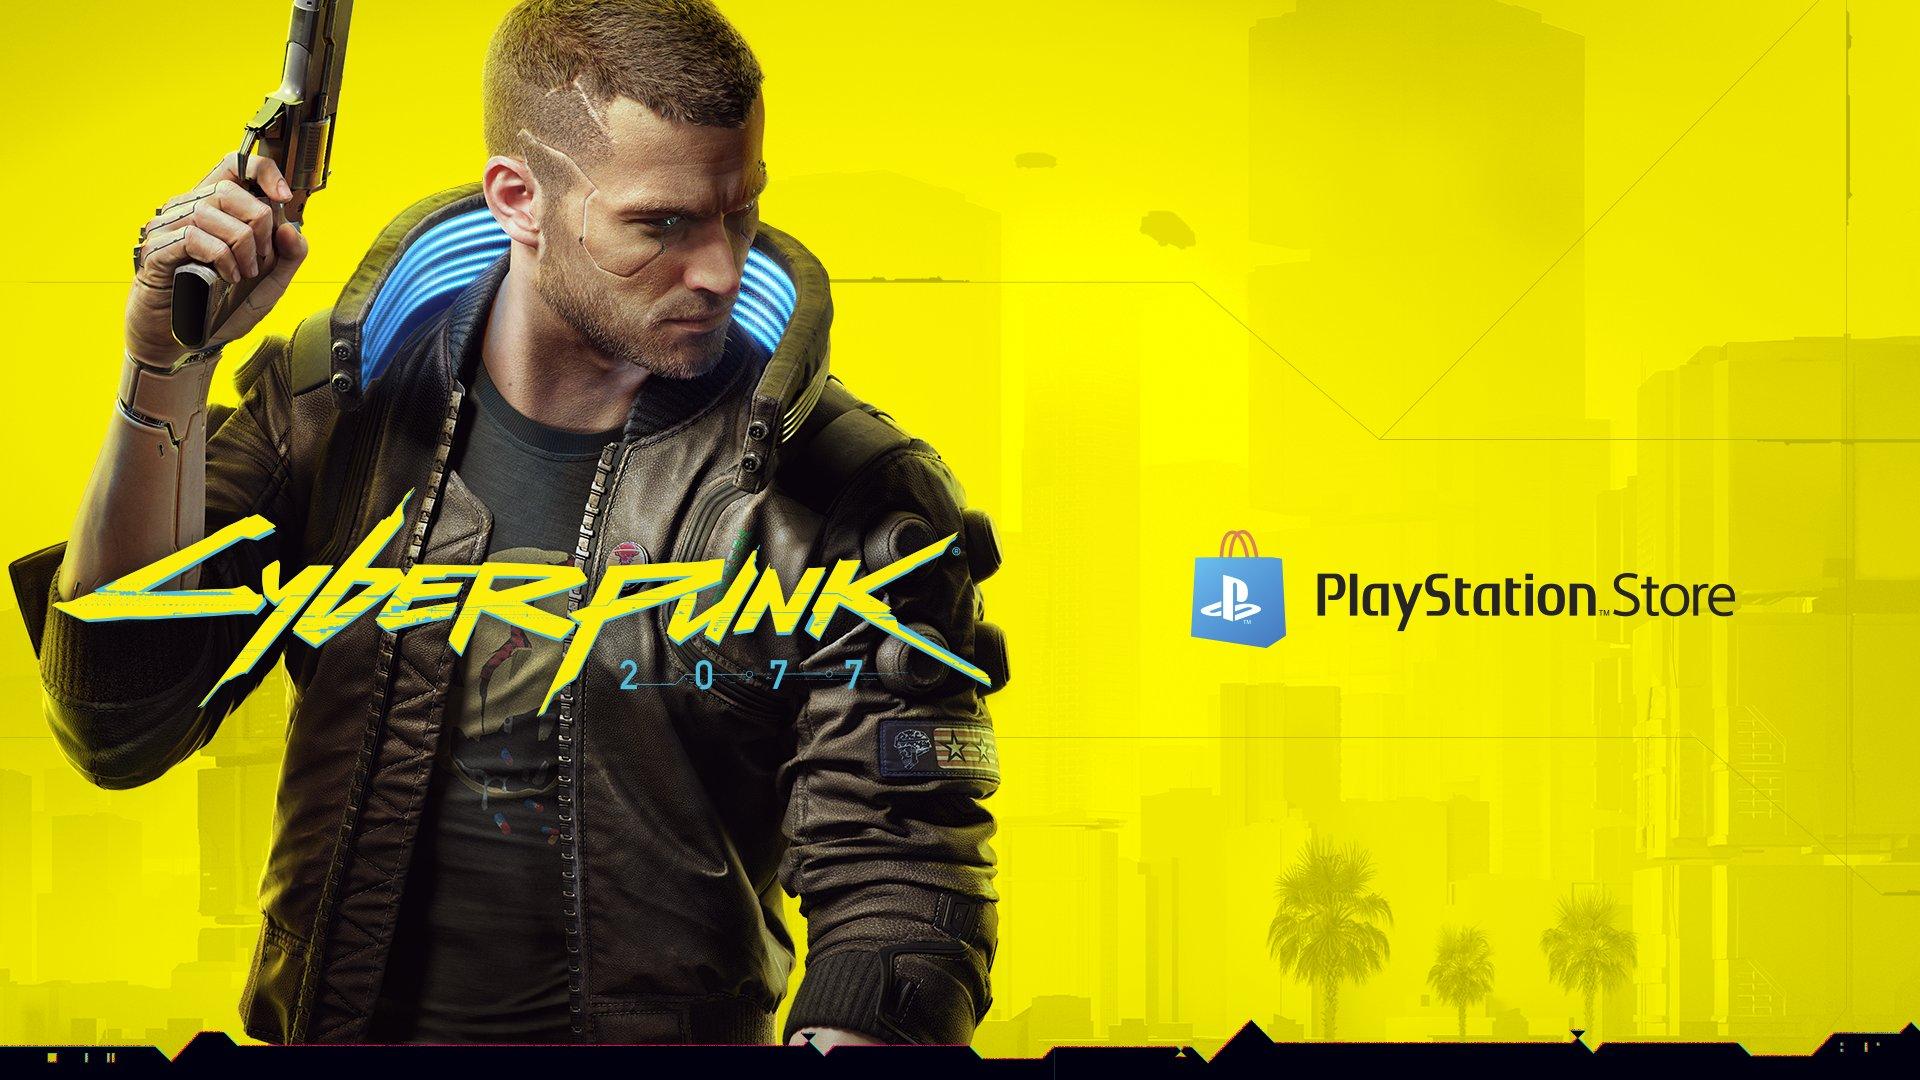 Cyberpunk 2077 вернулась в PS Store — по сниженной цене и большим предупреждением для PS4 - ITC.ua